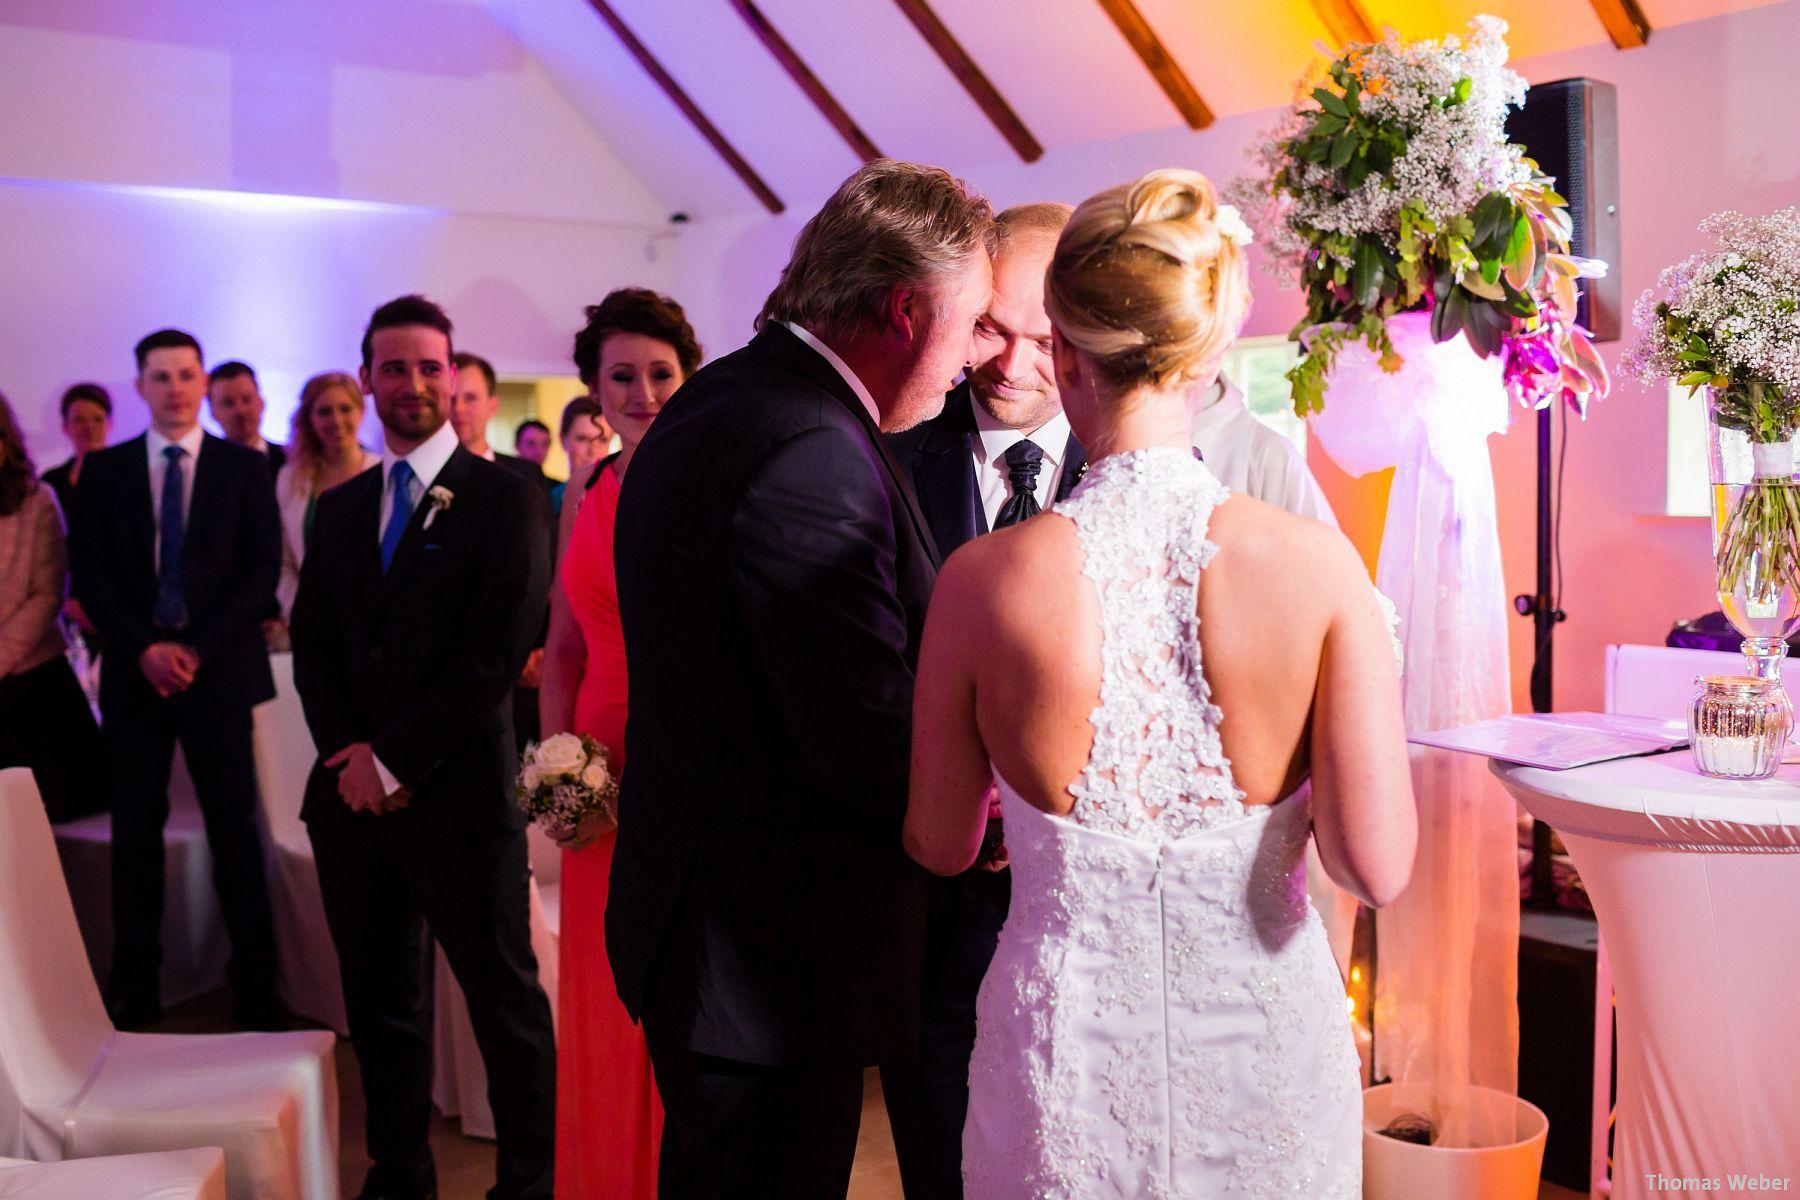 Hochzeitsfotograf Oldenburg: Hochzeit in der Eventscheune St. Georg in Rastede (45)